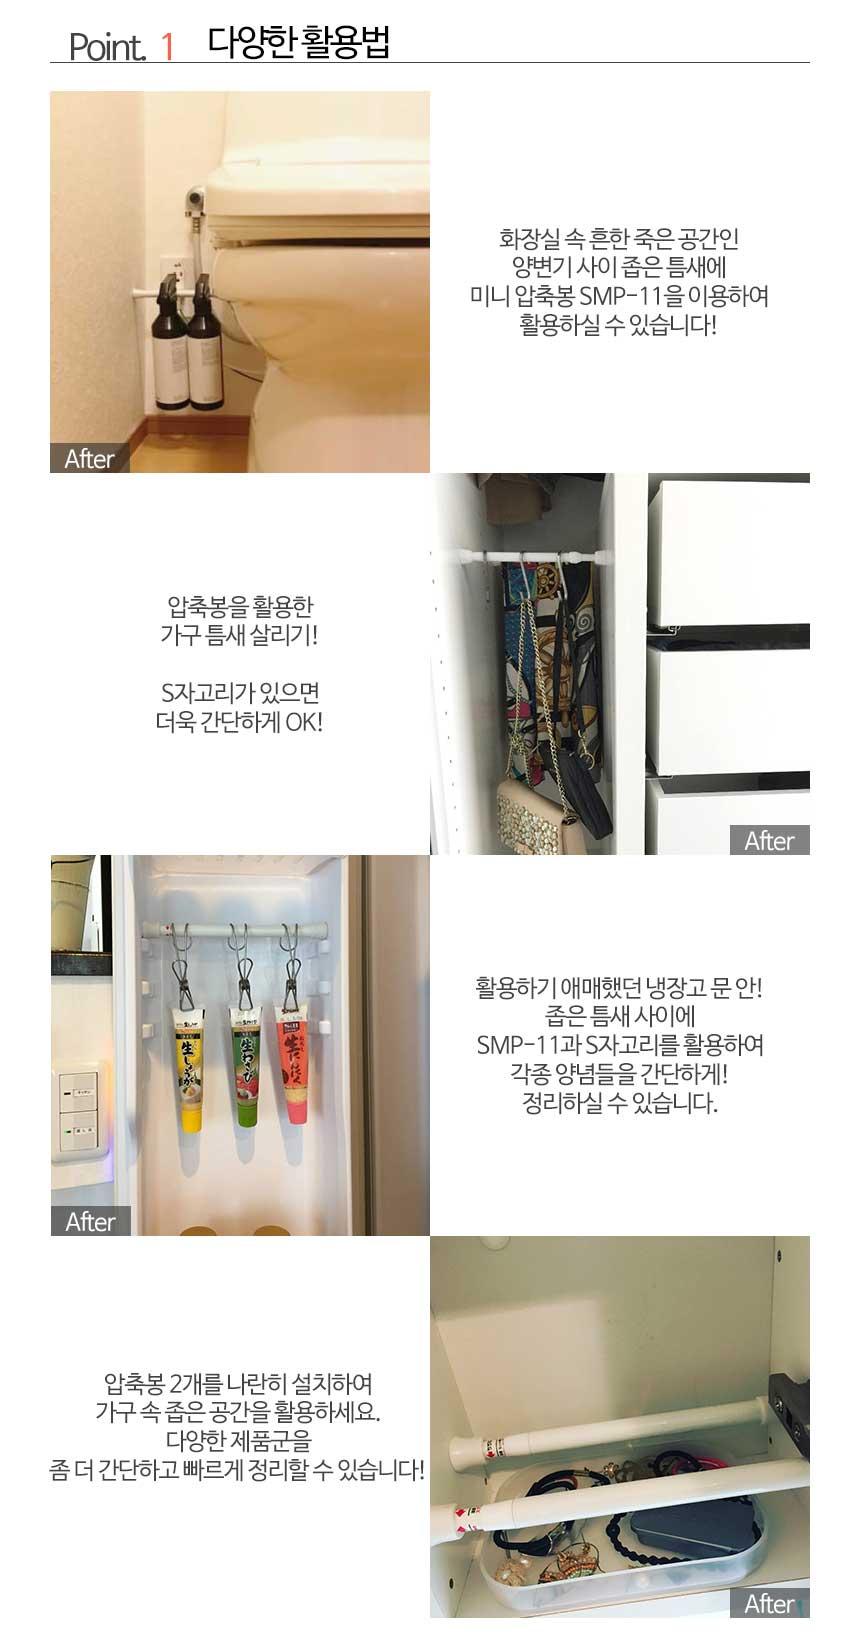 다용도 틈새 압축봉 SMP-11 - 헤이안신도2, 3,900원, 행거/드레스룸/옷걸이, 파이프행거